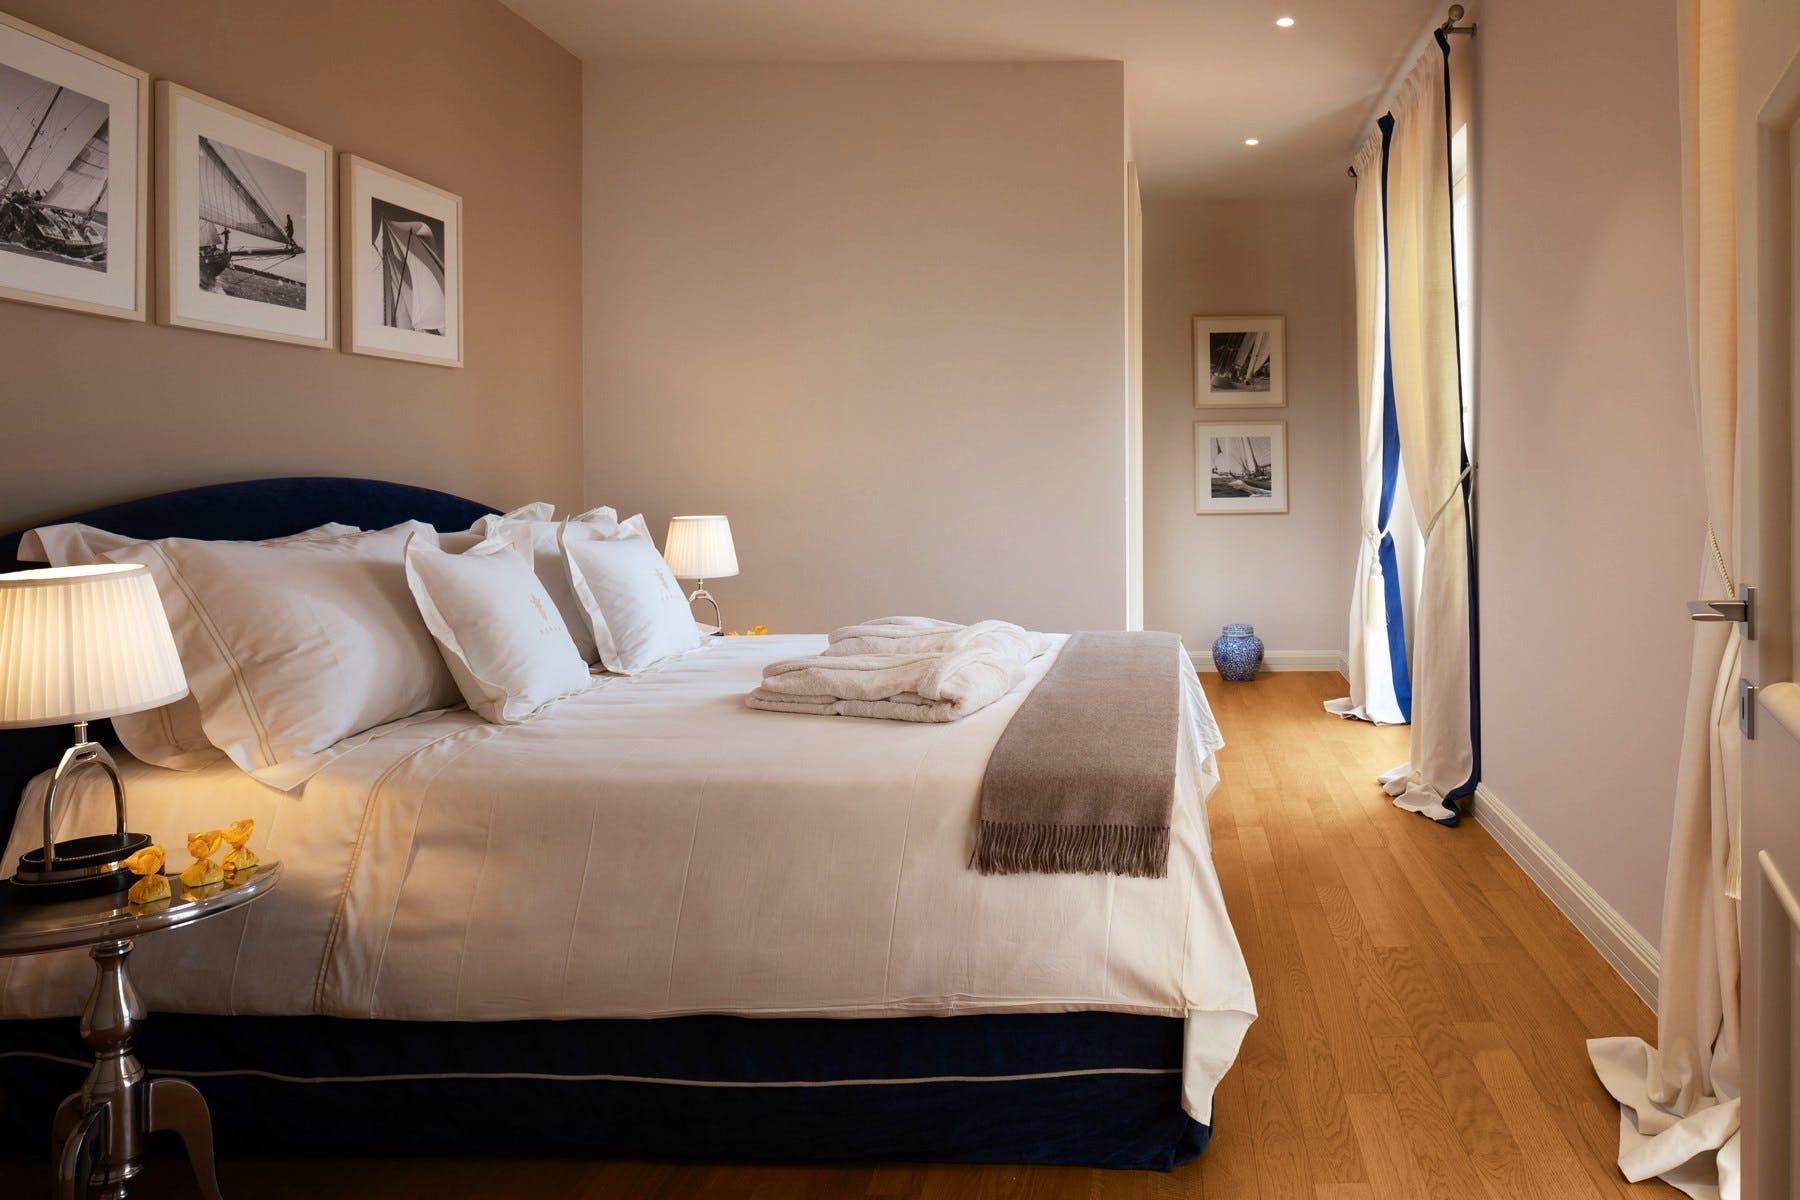 Refined double bedroom design